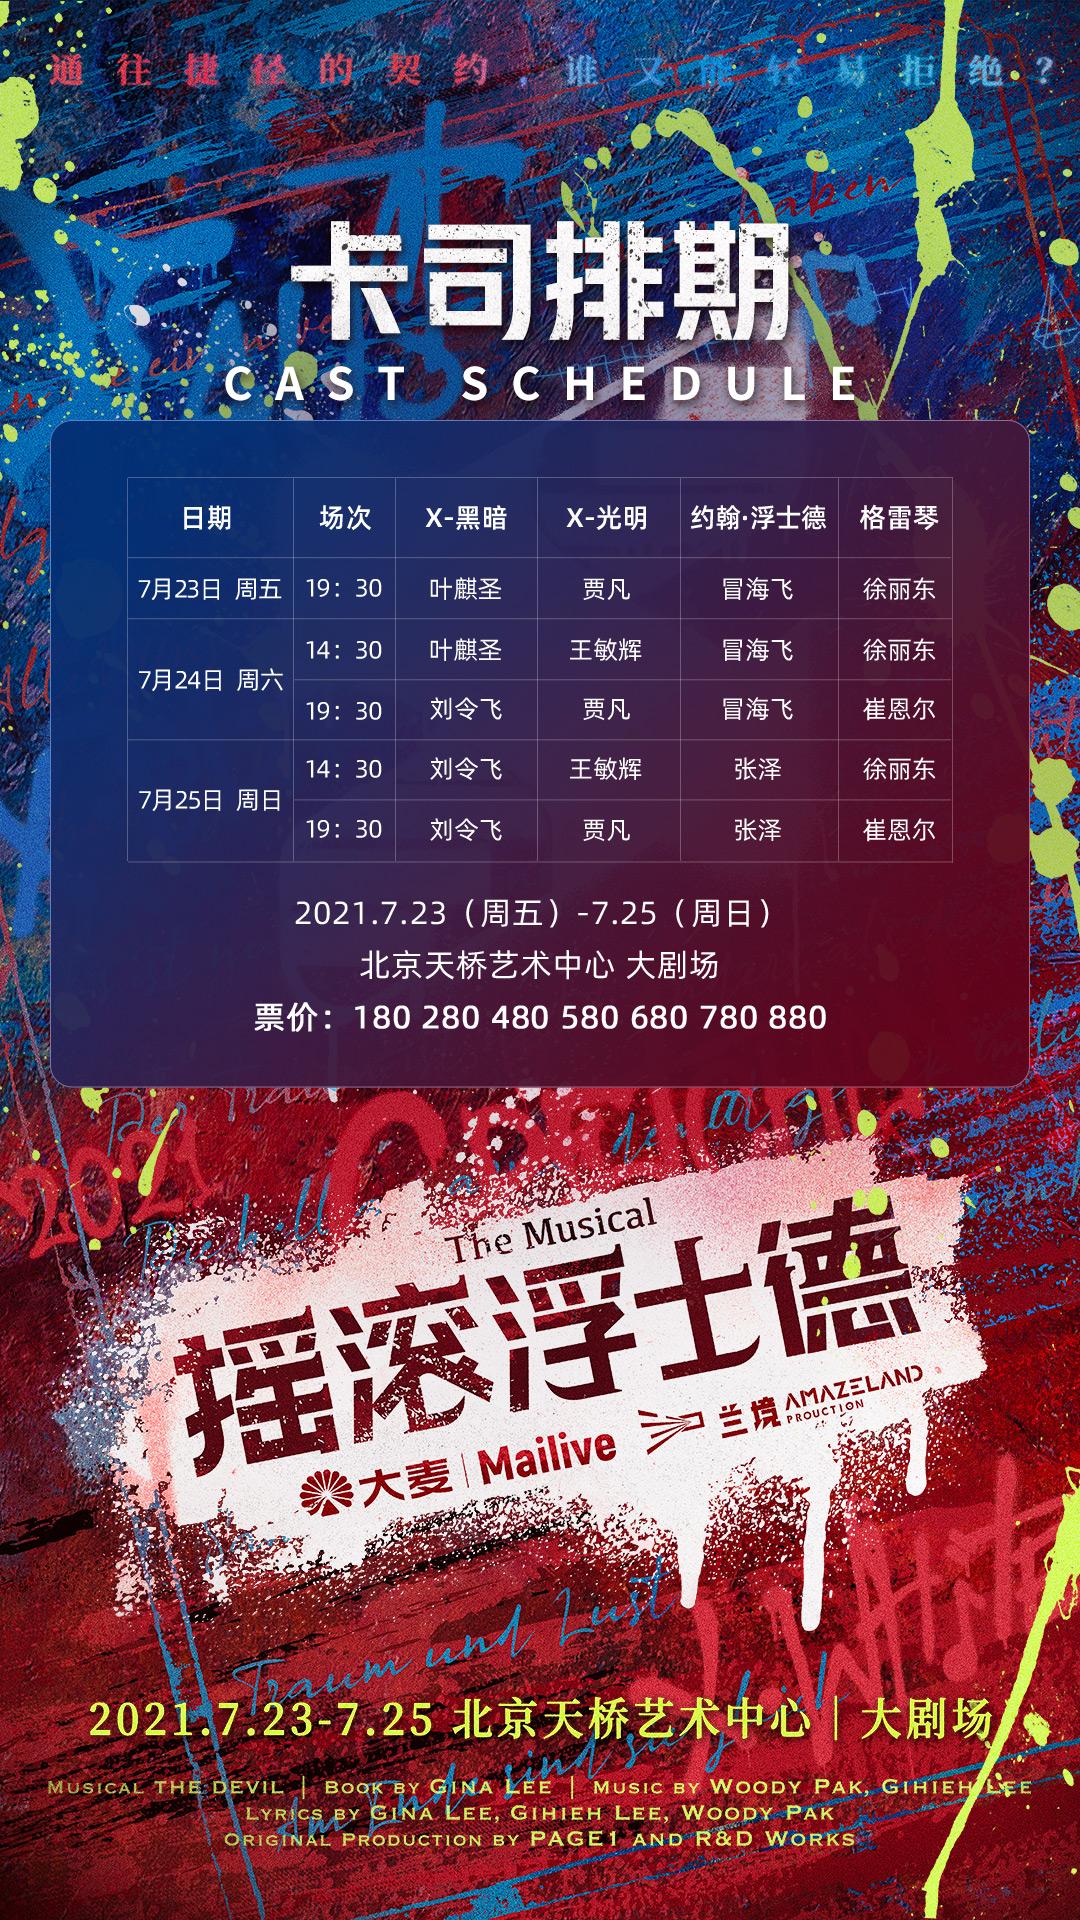 2021音乐剧《摇滚浮士德》-北京站